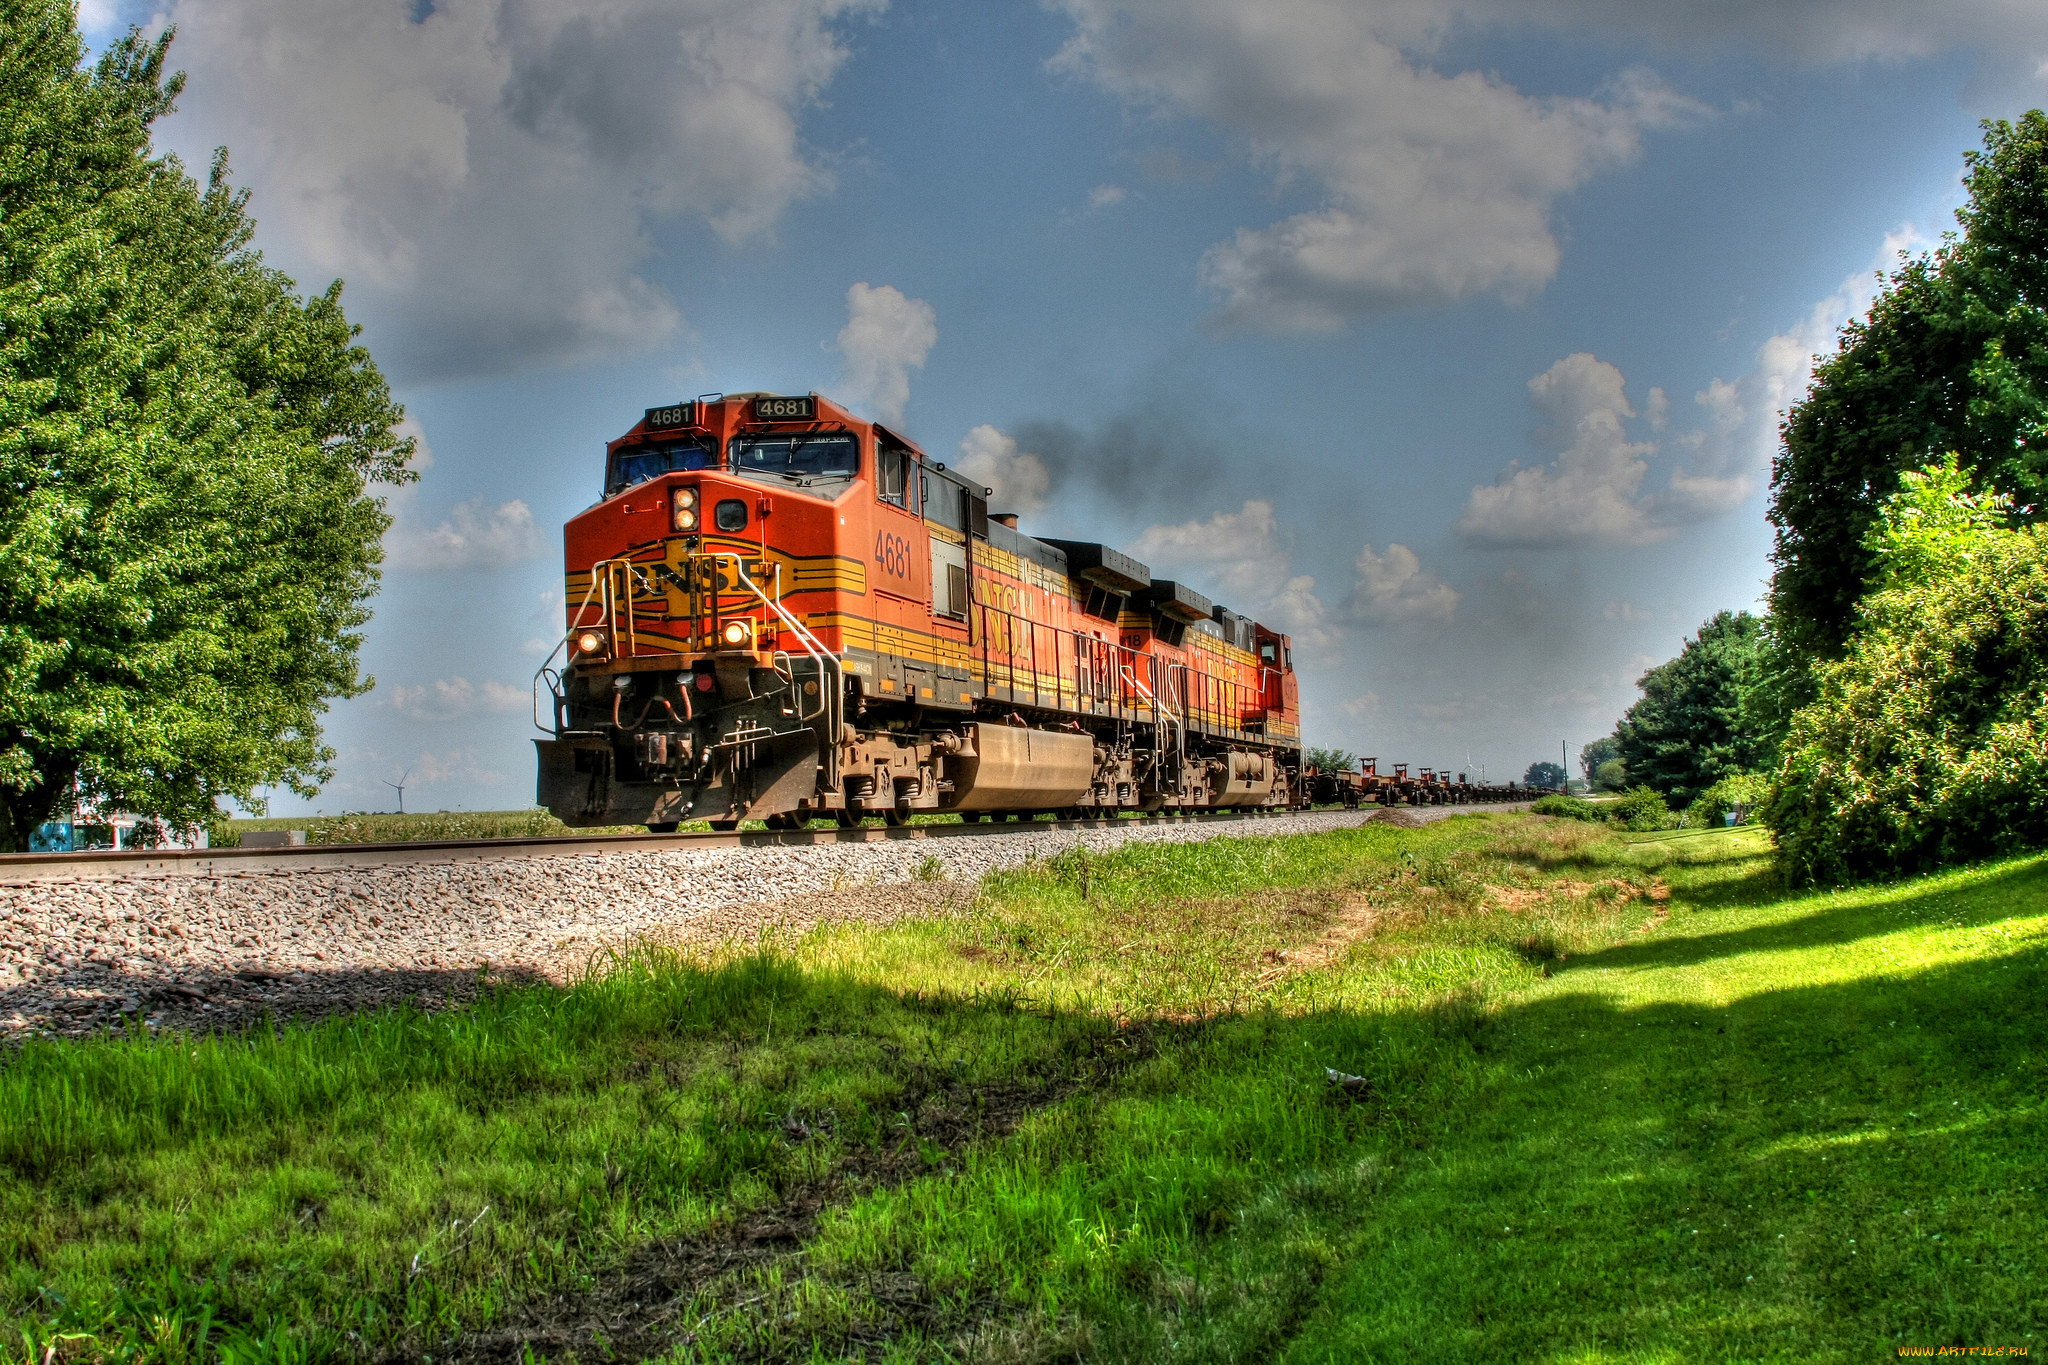 картинки железнодорожного поезда ожидании нужного автобуса